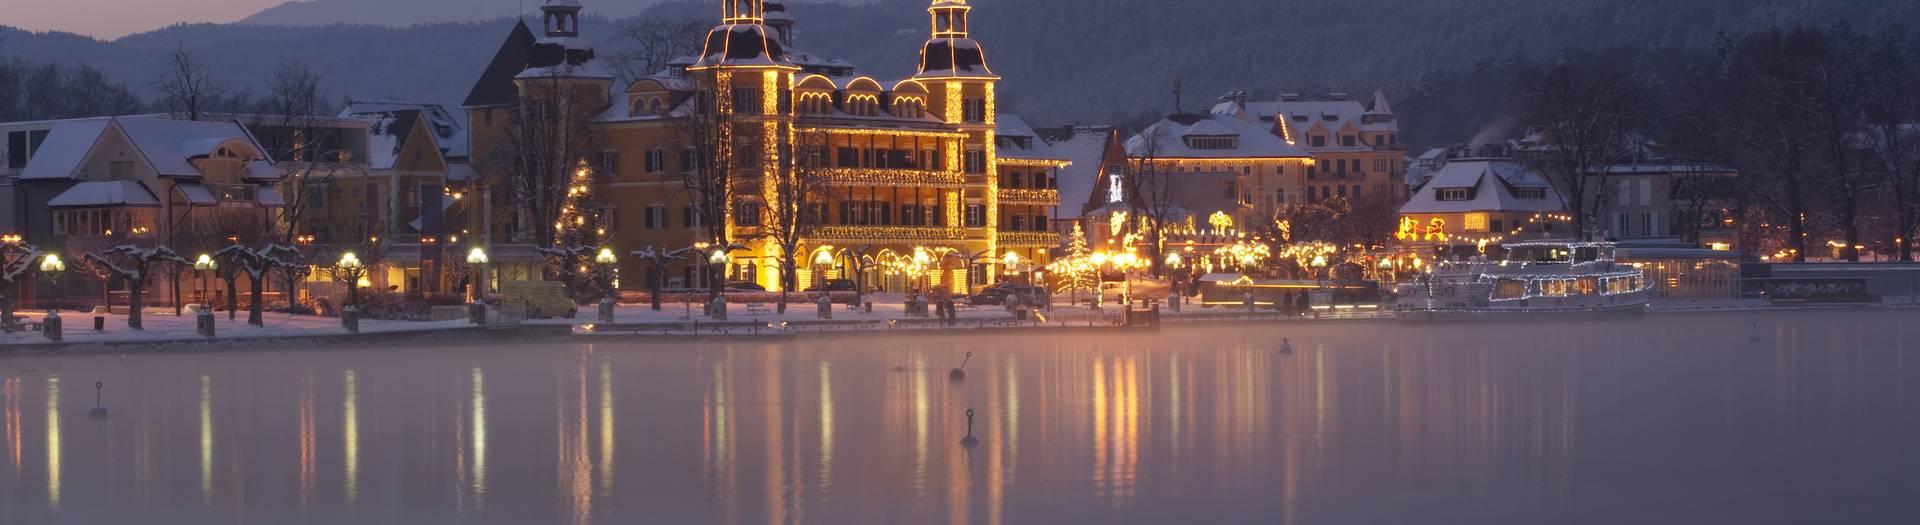 Velden Schloss Velden im Advent